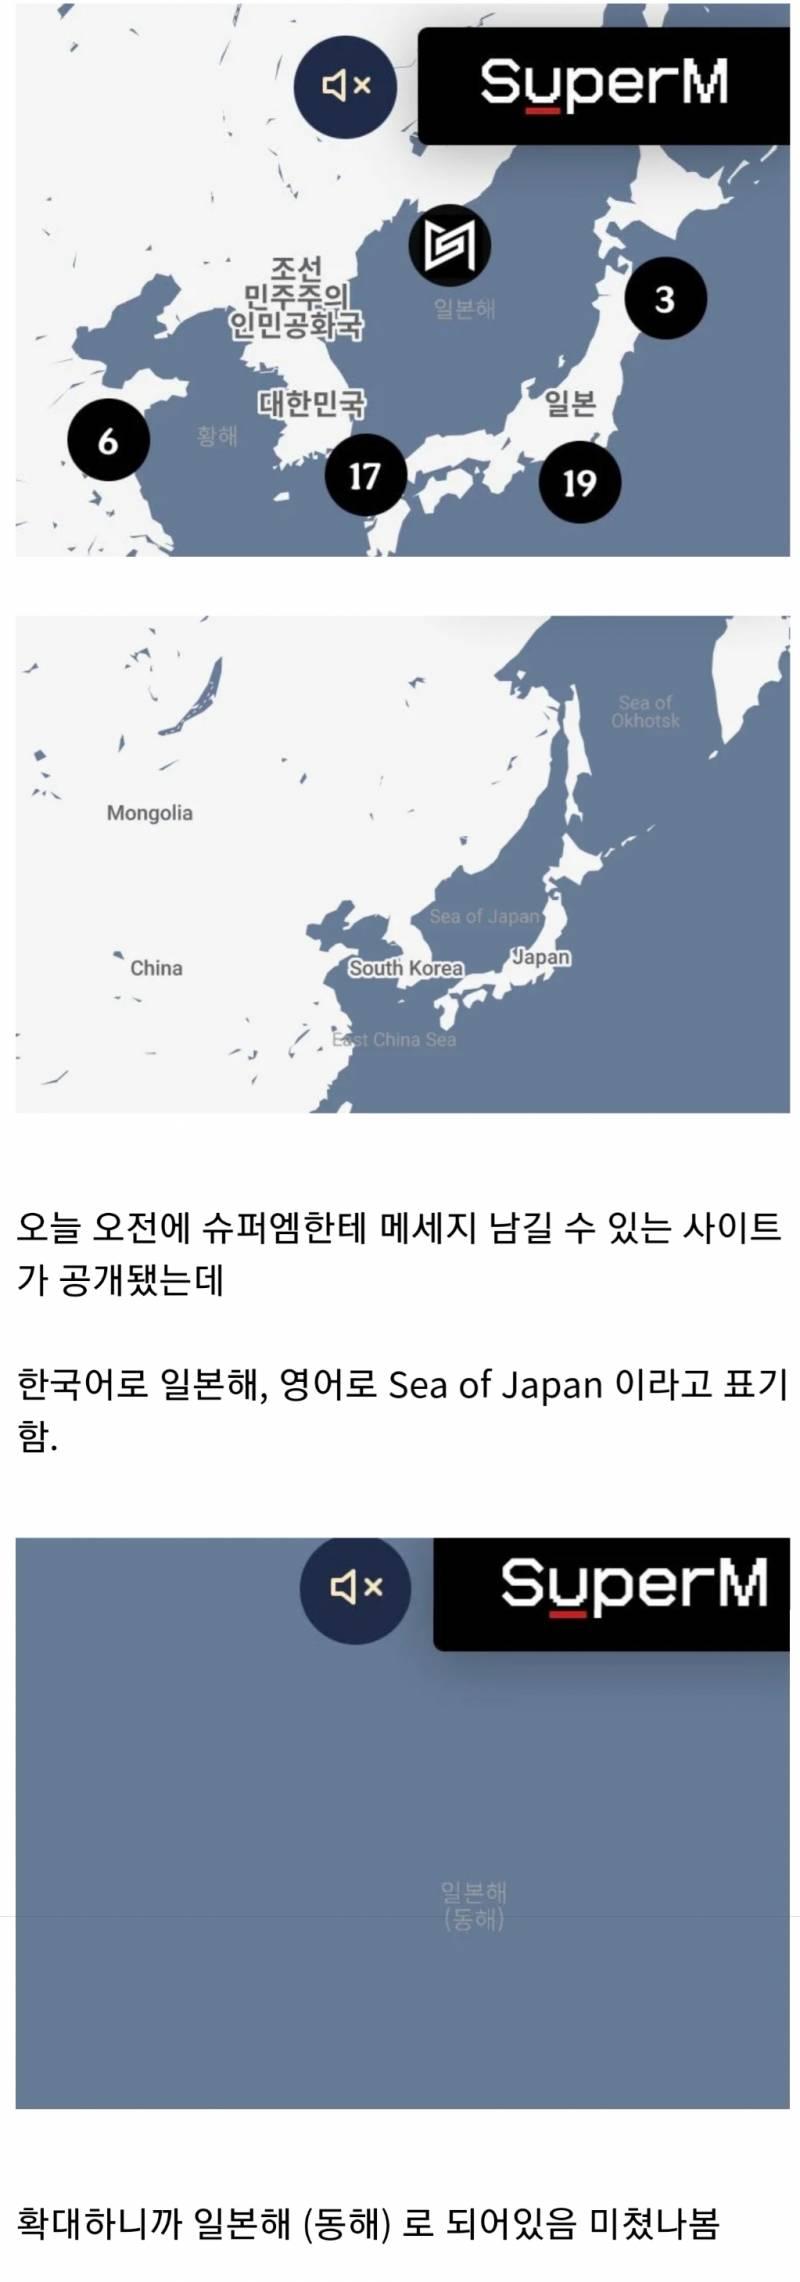 동해를 일본해라고 표기된 지도 사용한 sm 근황 | 인스티즈